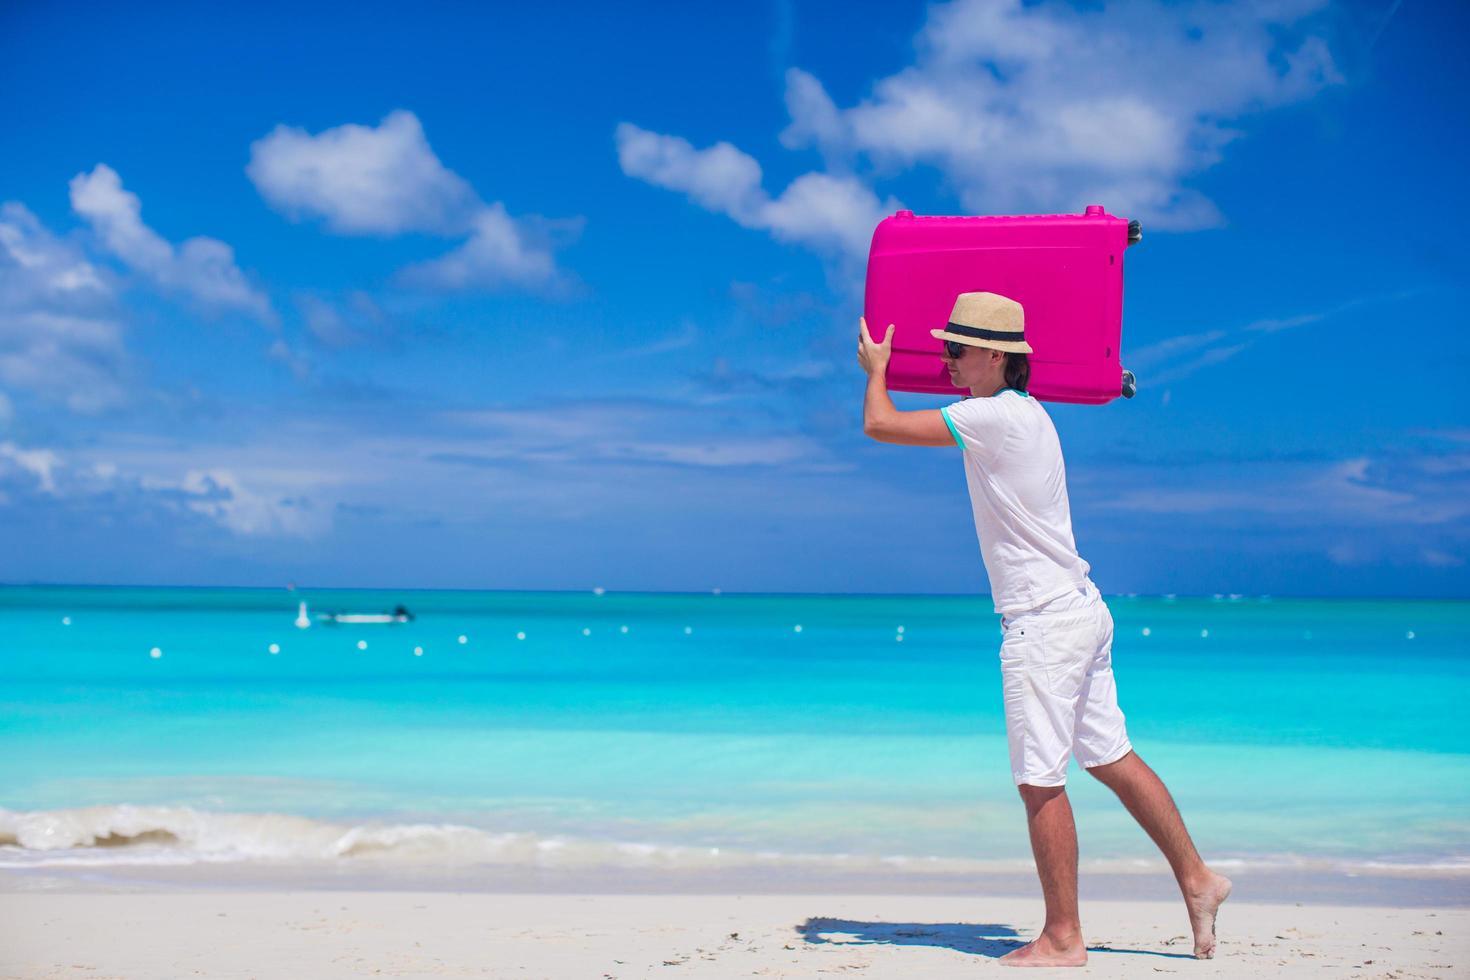 Hombre acarreando una maleta en la playa foto